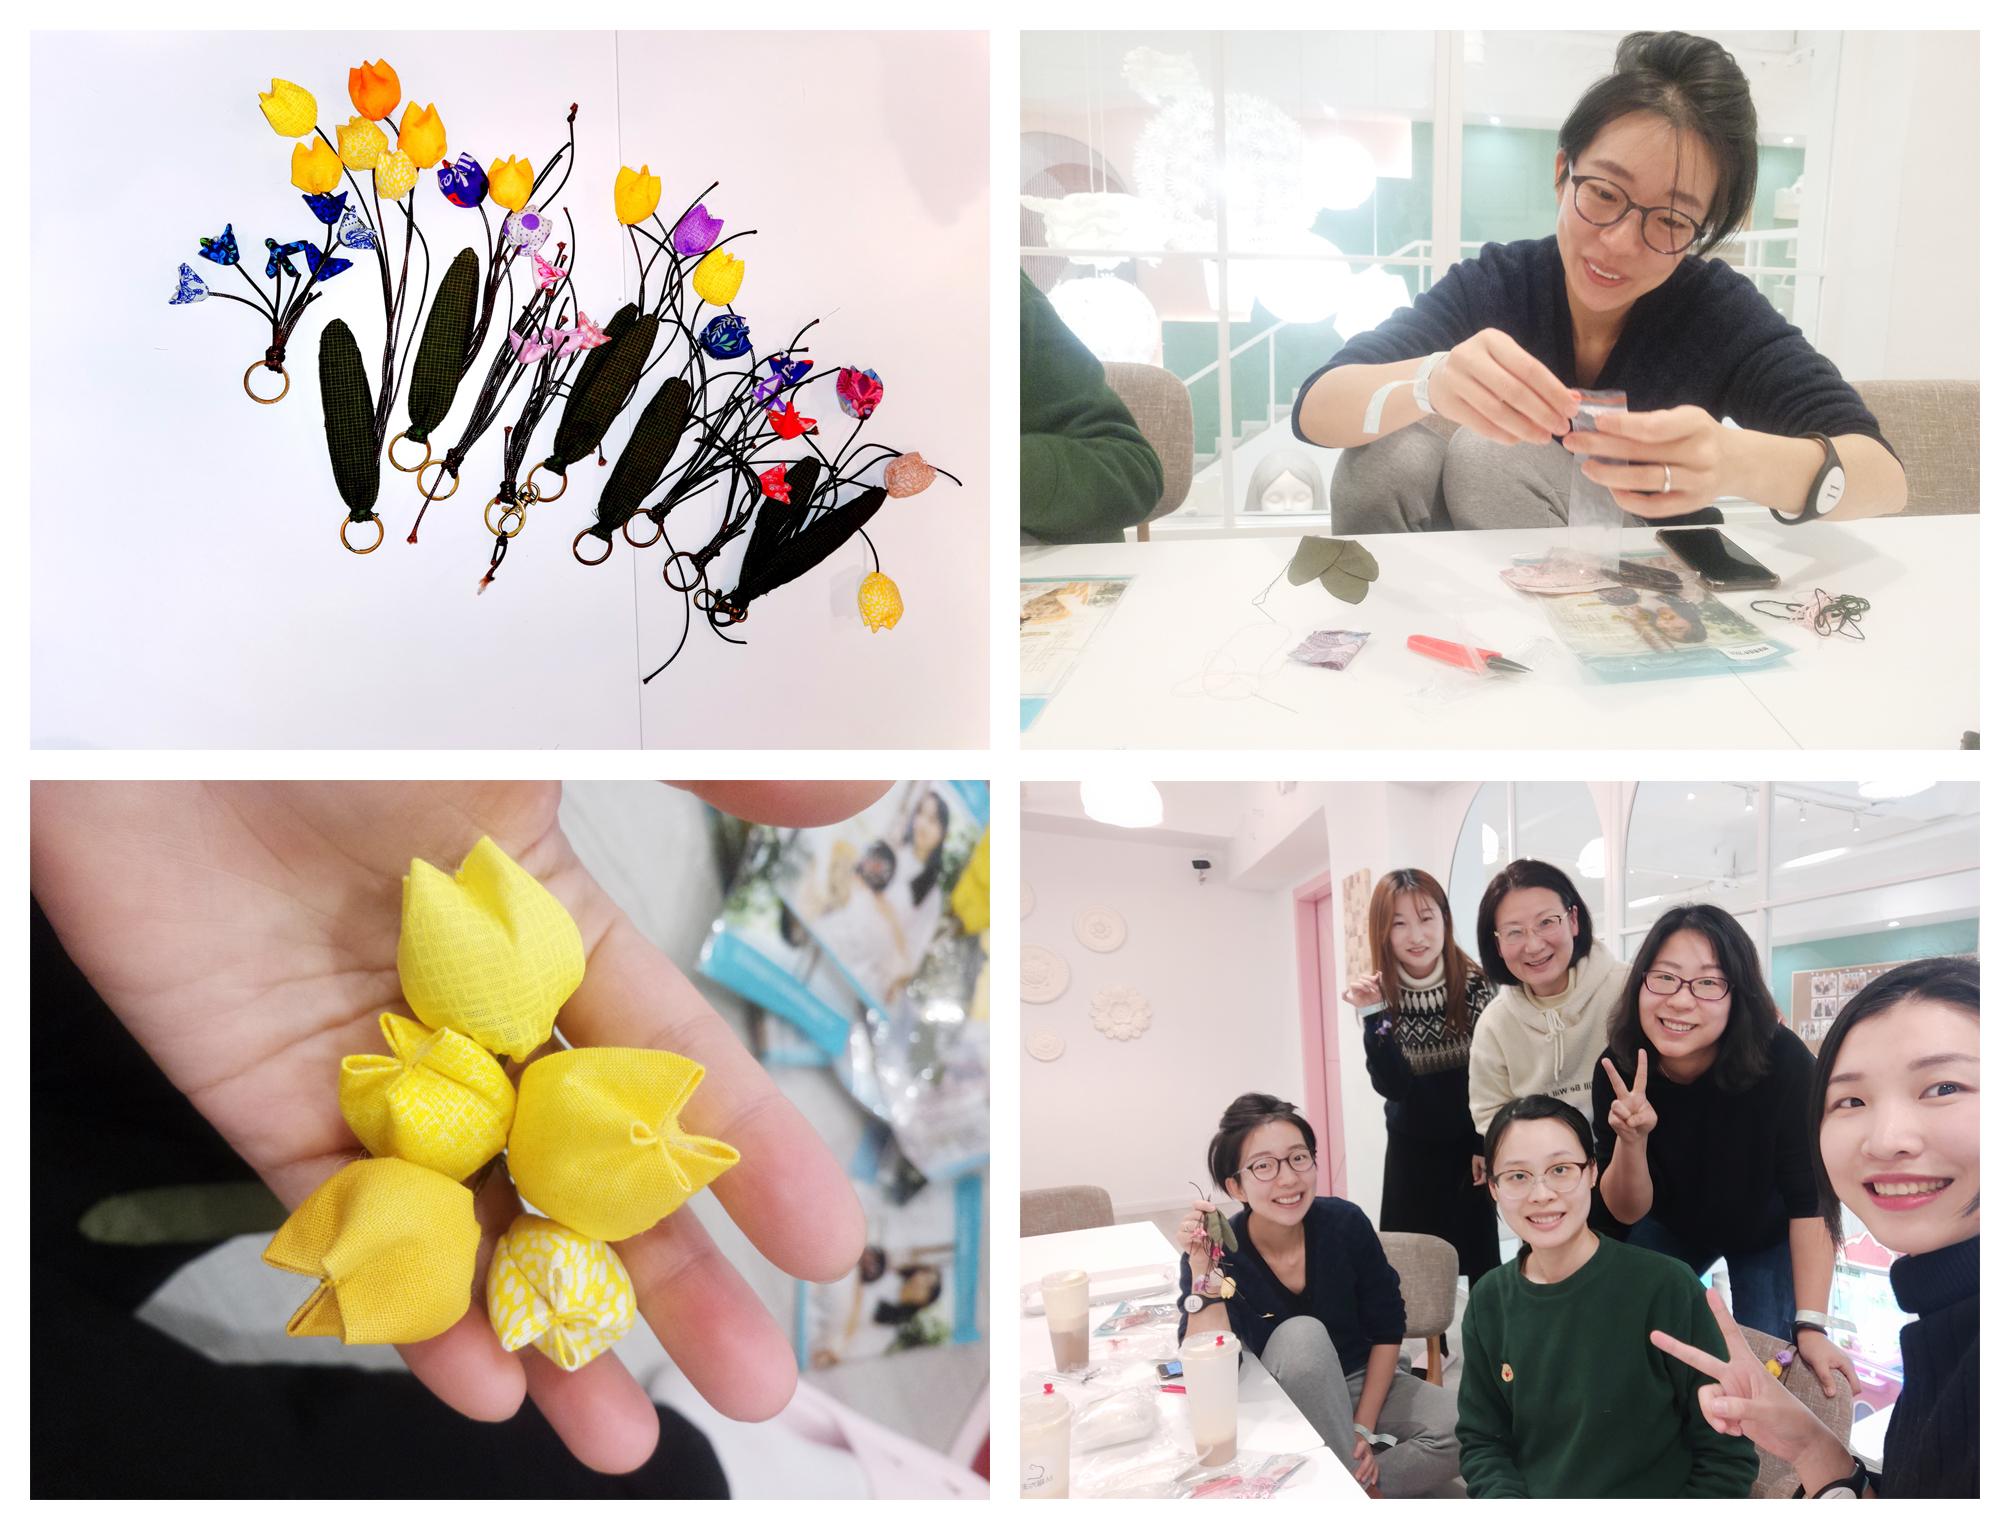 布艺制作之铃兰花,一束永不凋谢的幸福花